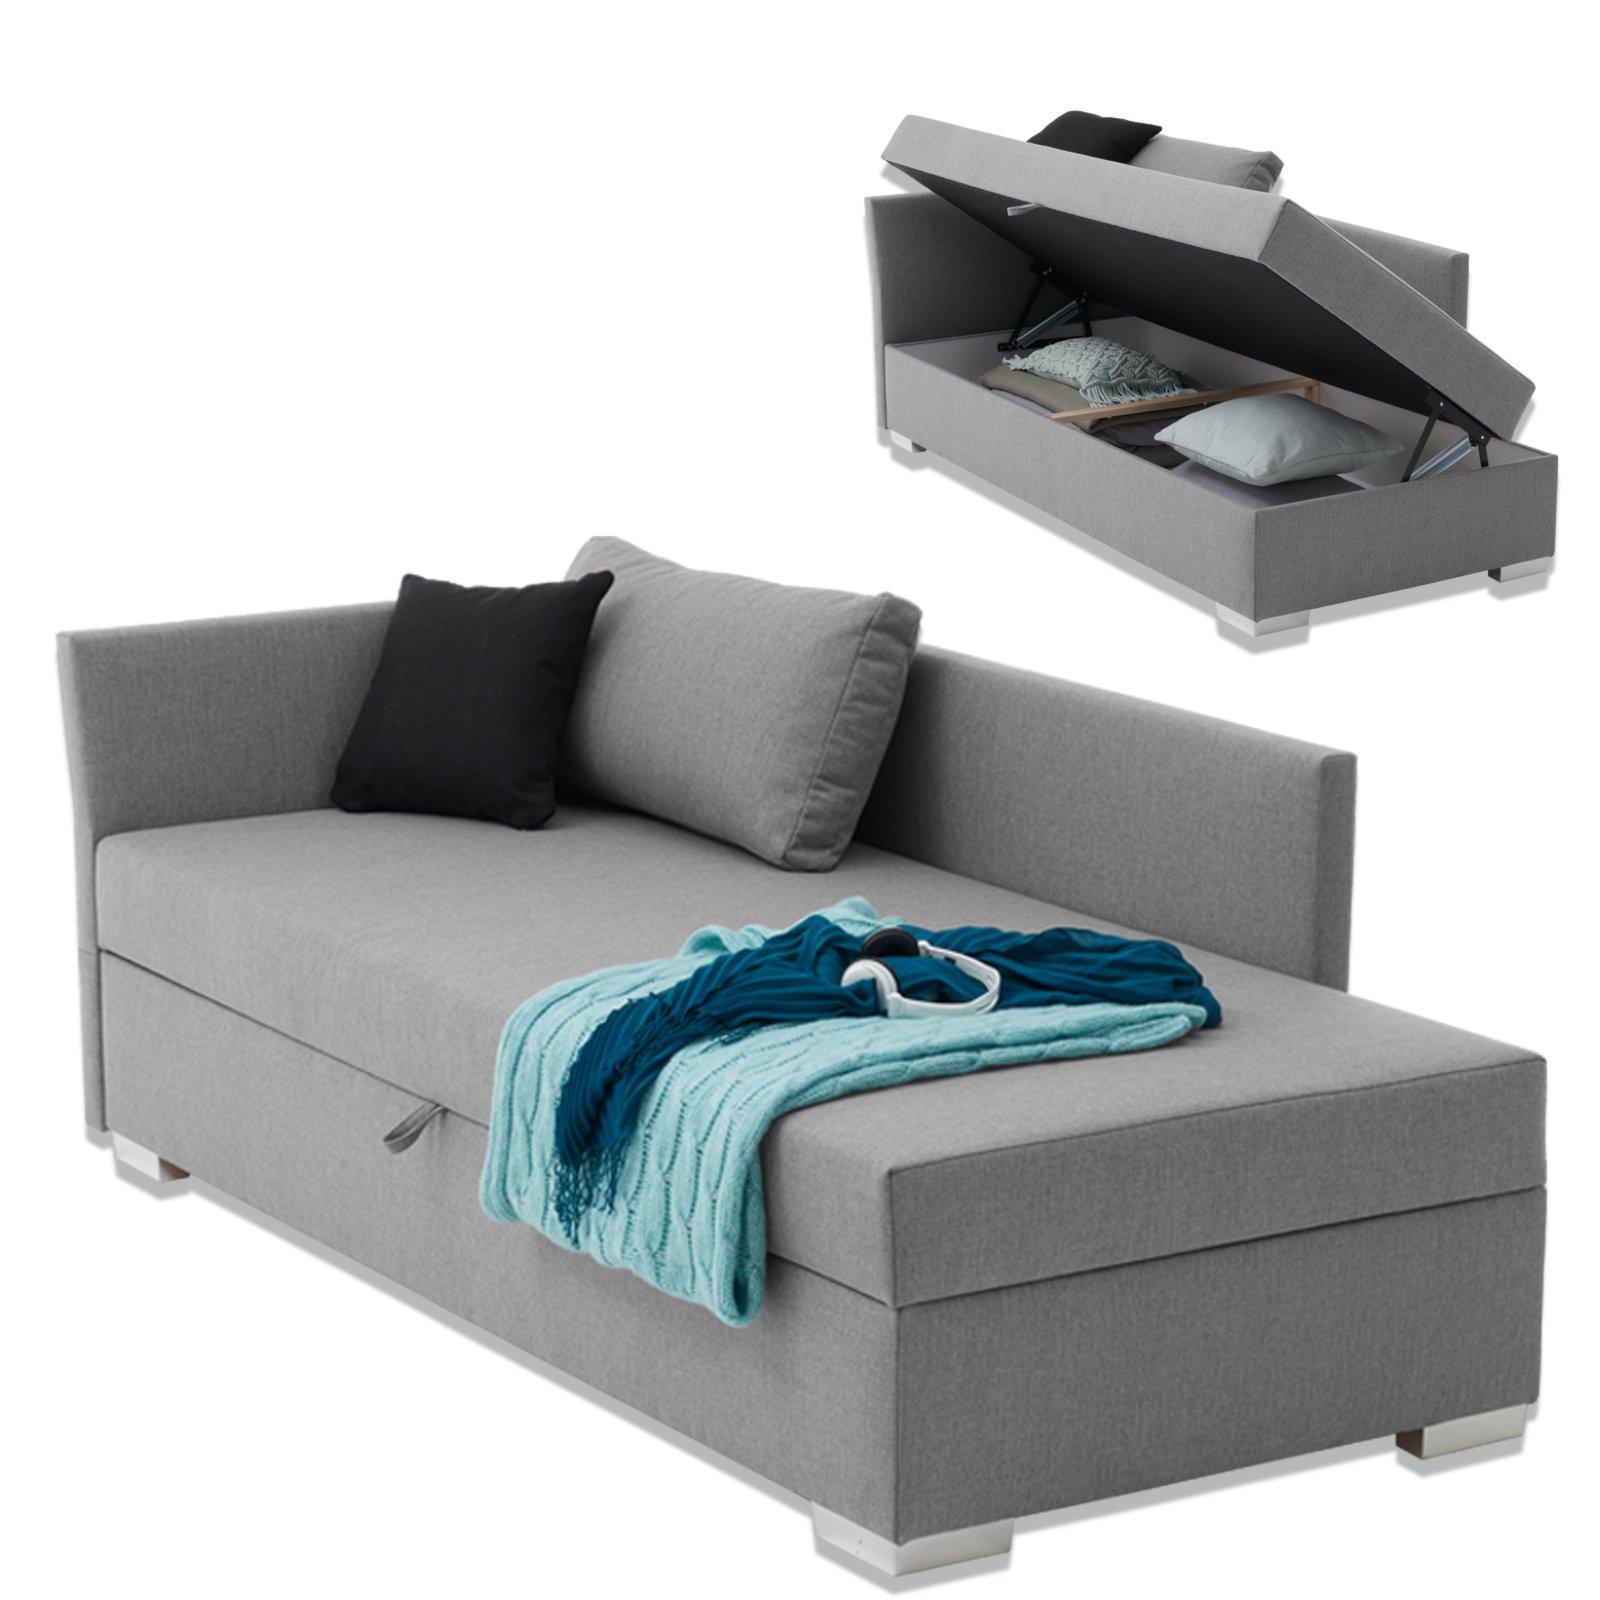 polsterliege havana hellgrau 90x200 cm mit staukasten polsterbetten betten m bel. Black Bedroom Furniture Sets. Home Design Ideas